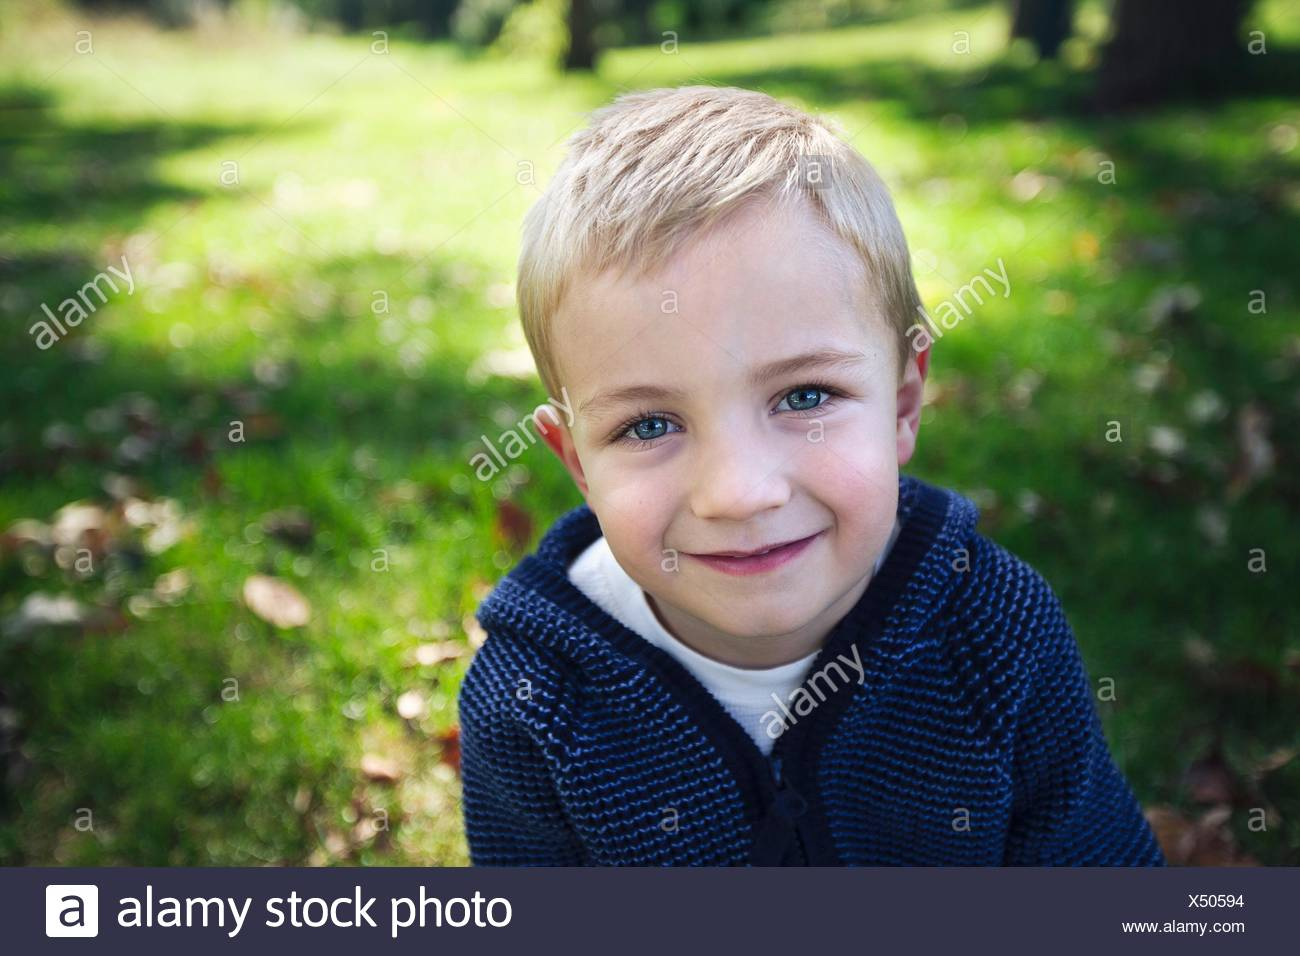 Ritratto di ragazzo biondo guardando sorridente della fotocamera Immagini Stock